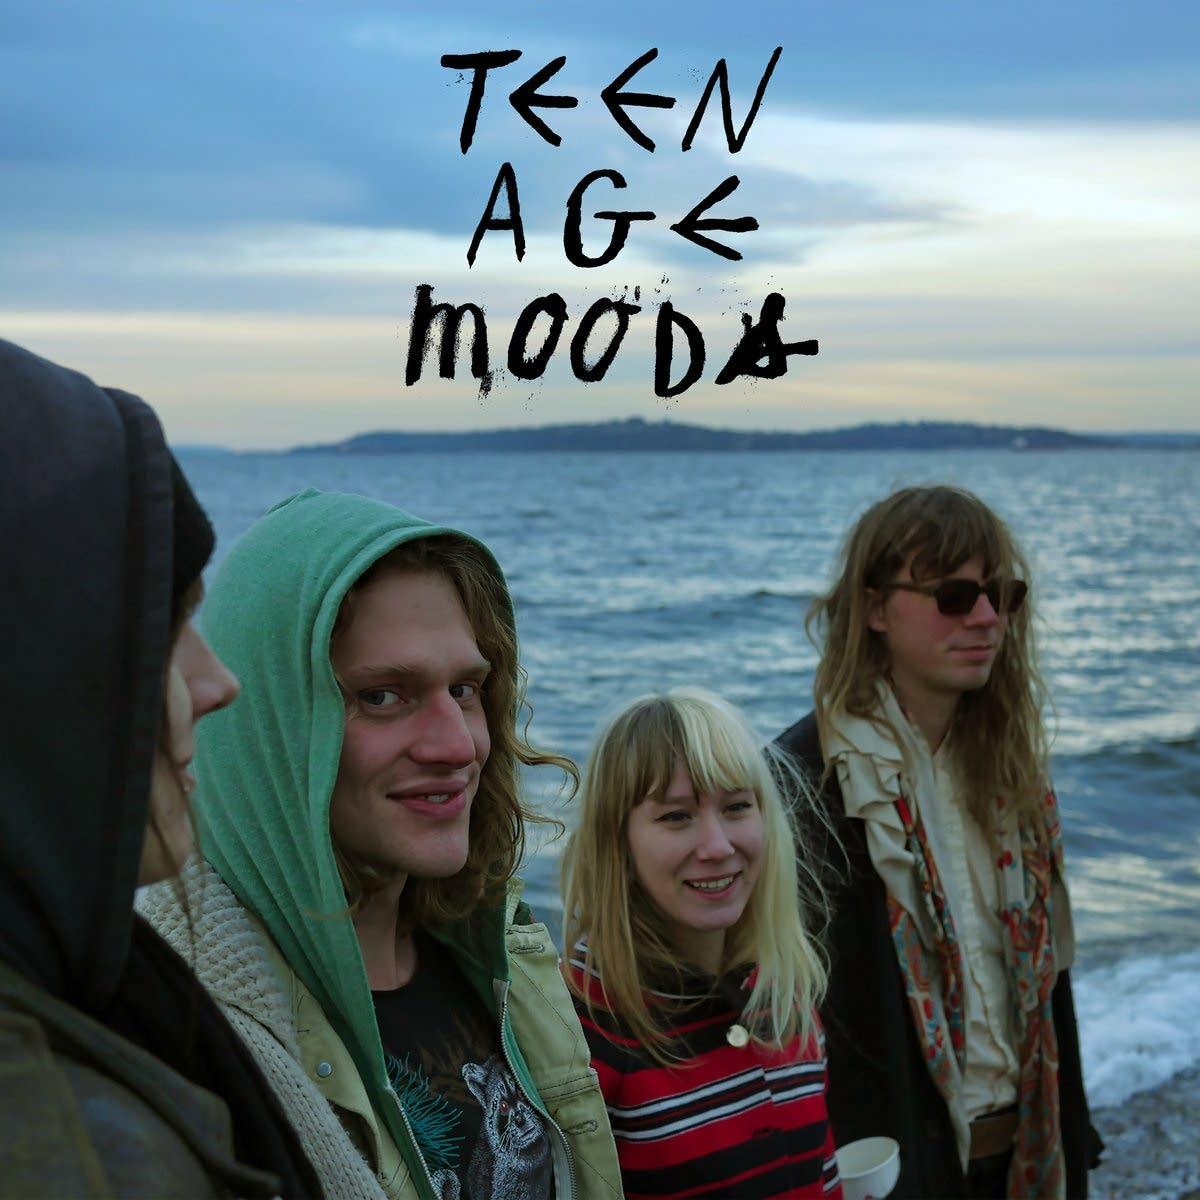 Teenage Moods